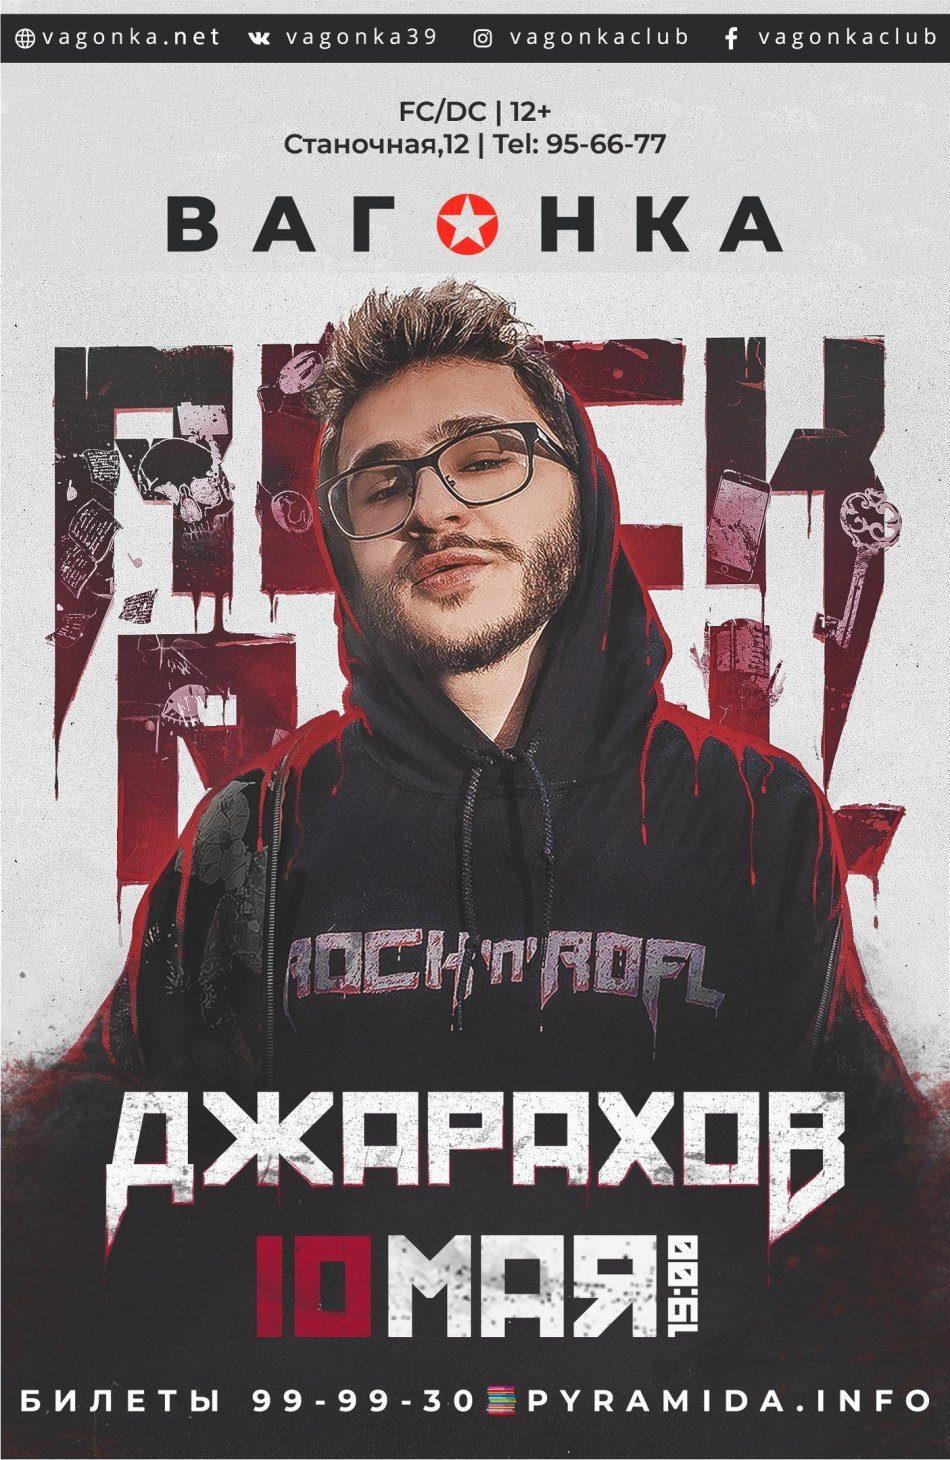 Концерт ДЖАРАХОВ 2019